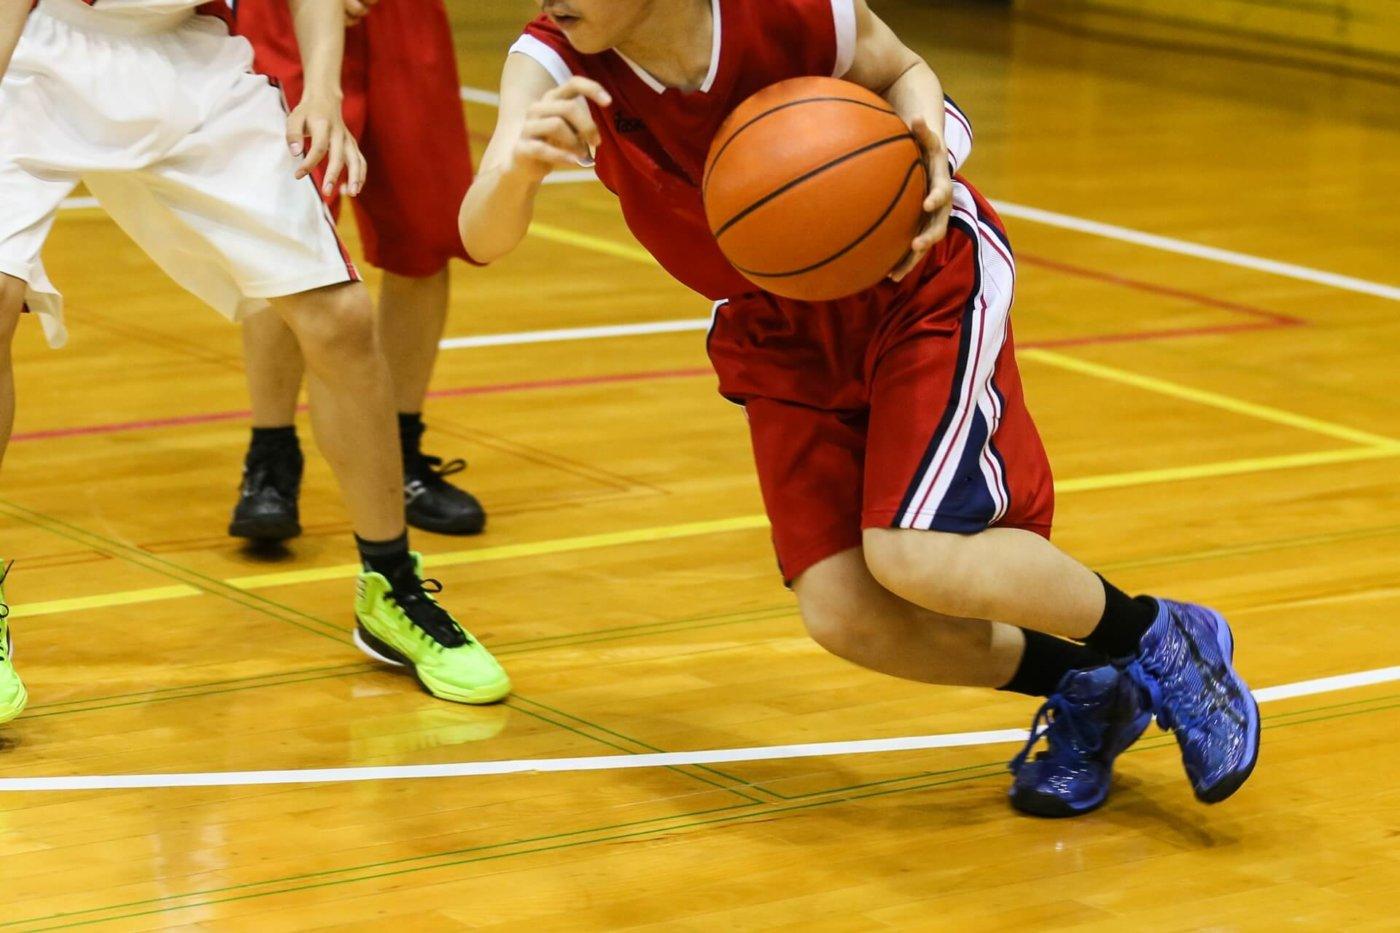 【初心者向け】バスケットボールの用語と基本ルール